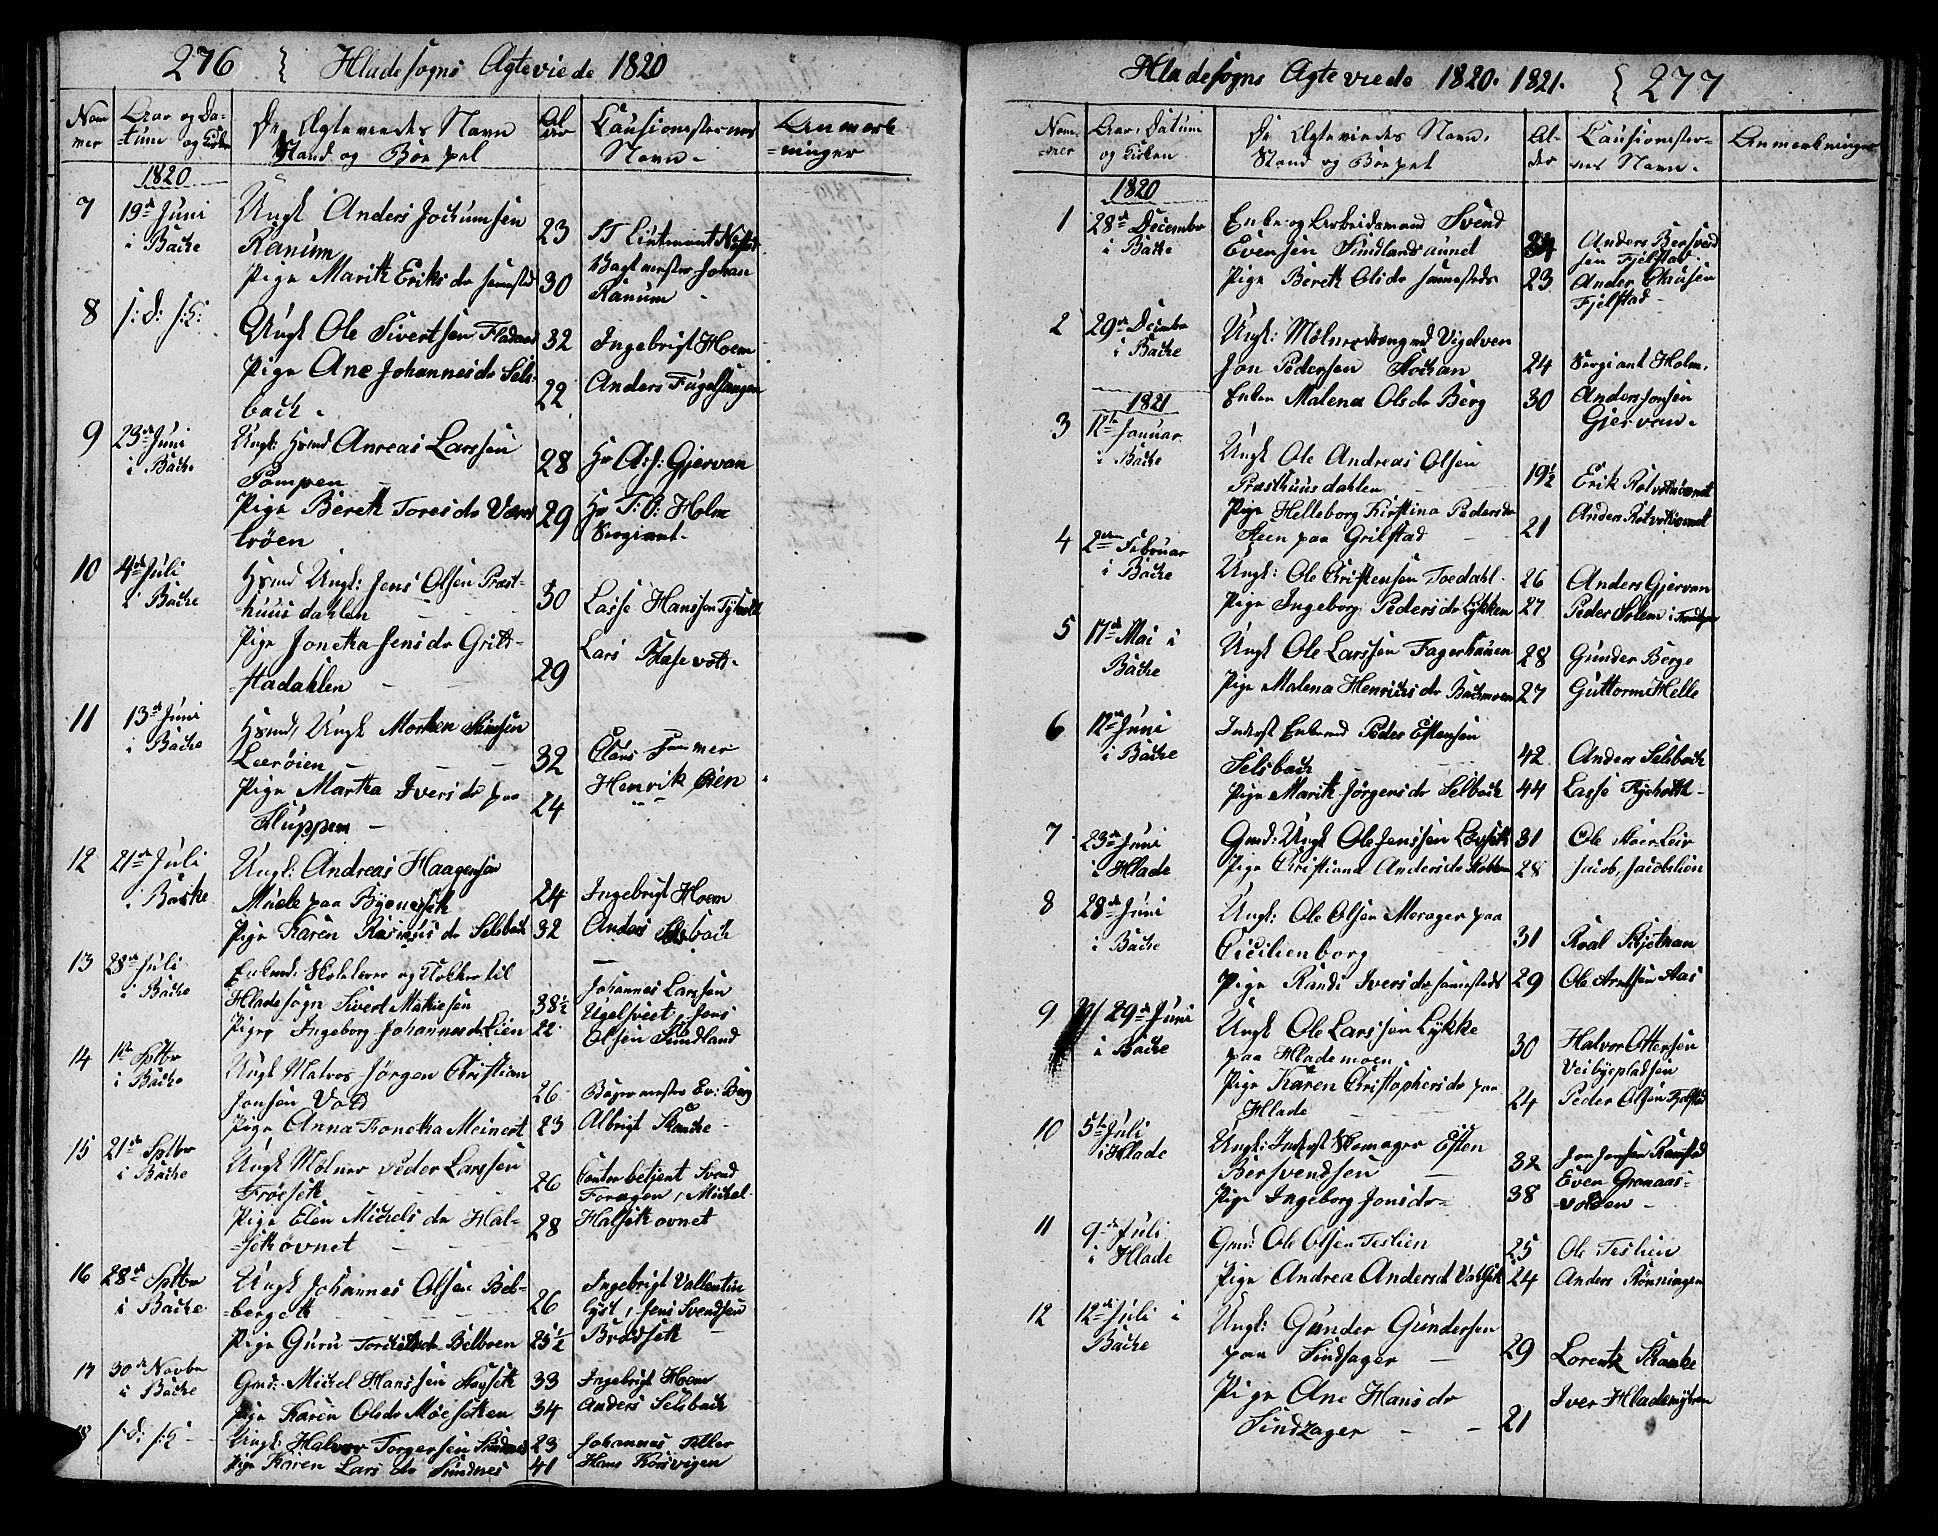 SAT, Ministerialprotokoller, klokkerbøker og fødselsregistre - Sør-Trøndelag, 606/L0306: Klokkerbok nr. 606C02, 1797-1829, s. 276-277